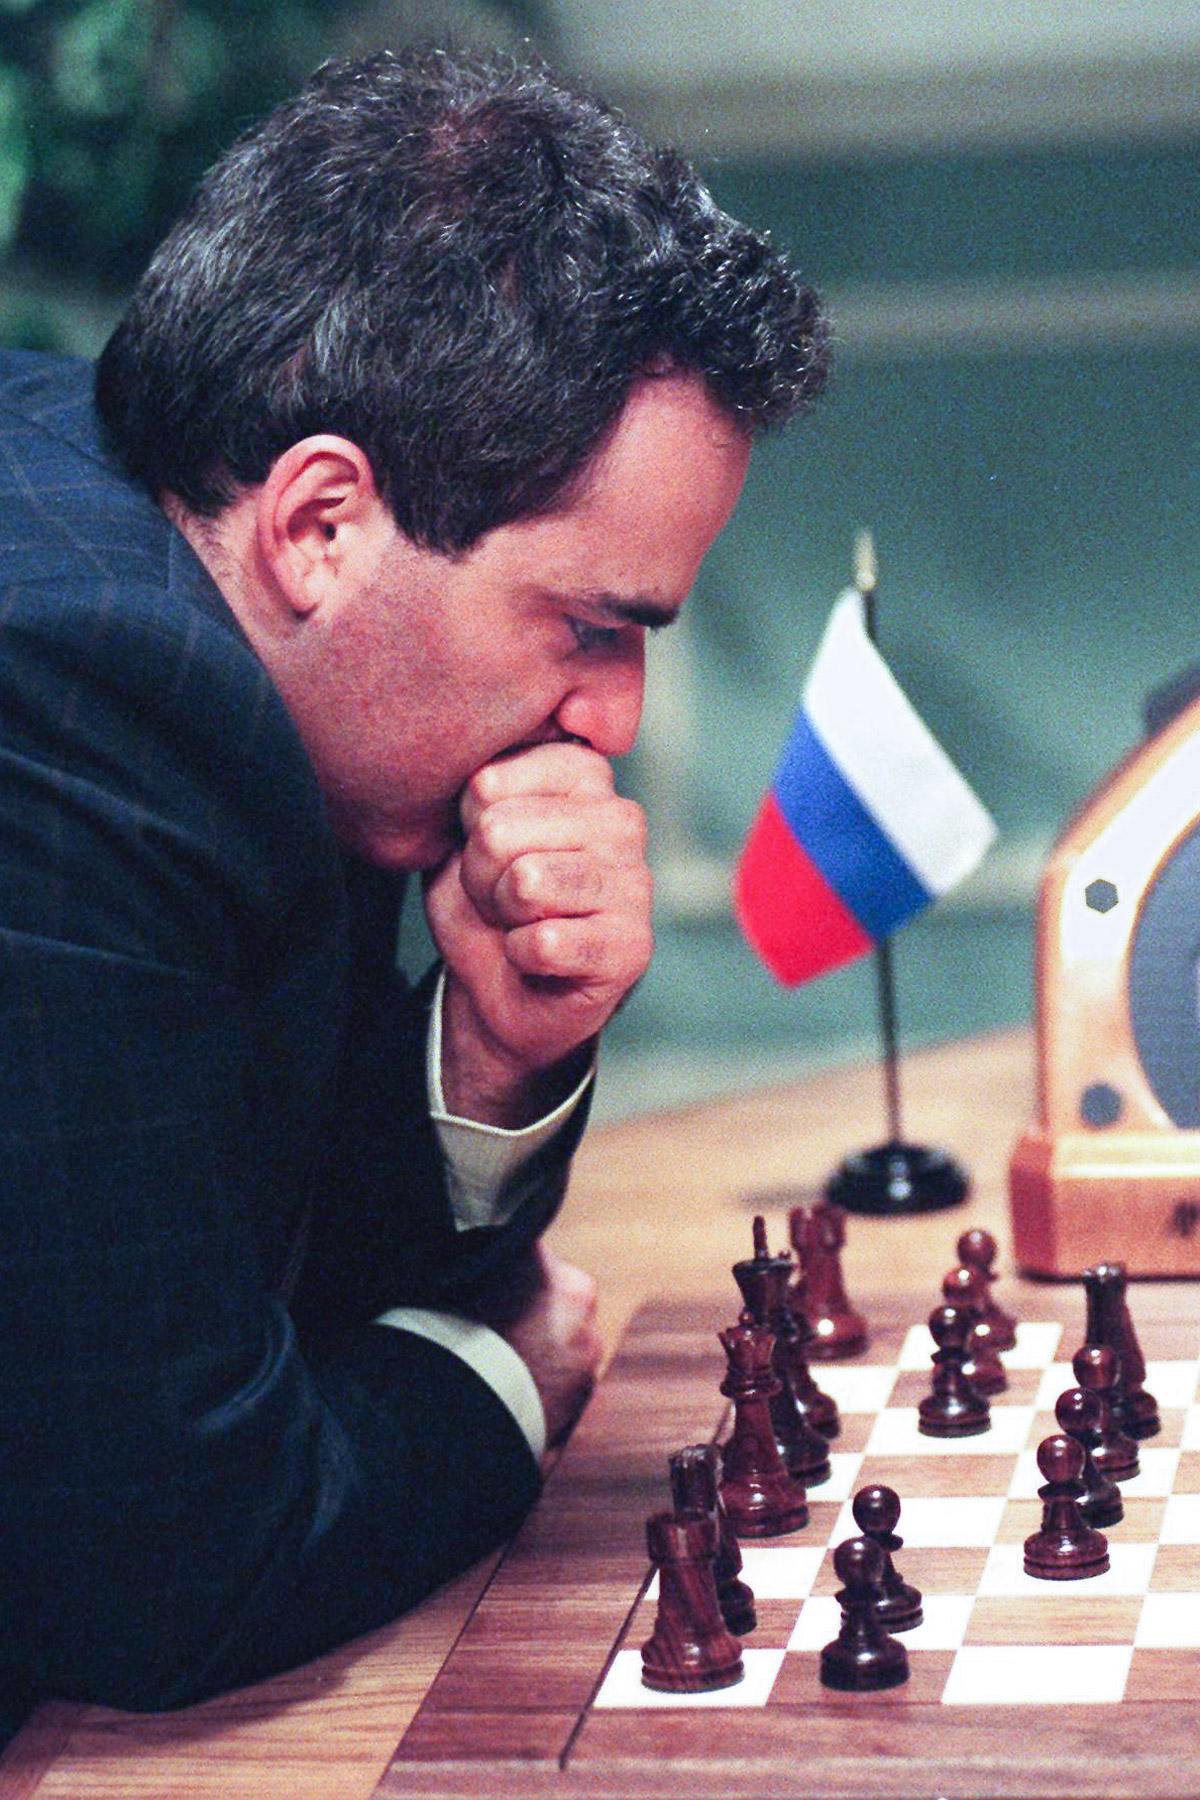 Shahmatnye matchi Kasparov Deep Blue 17